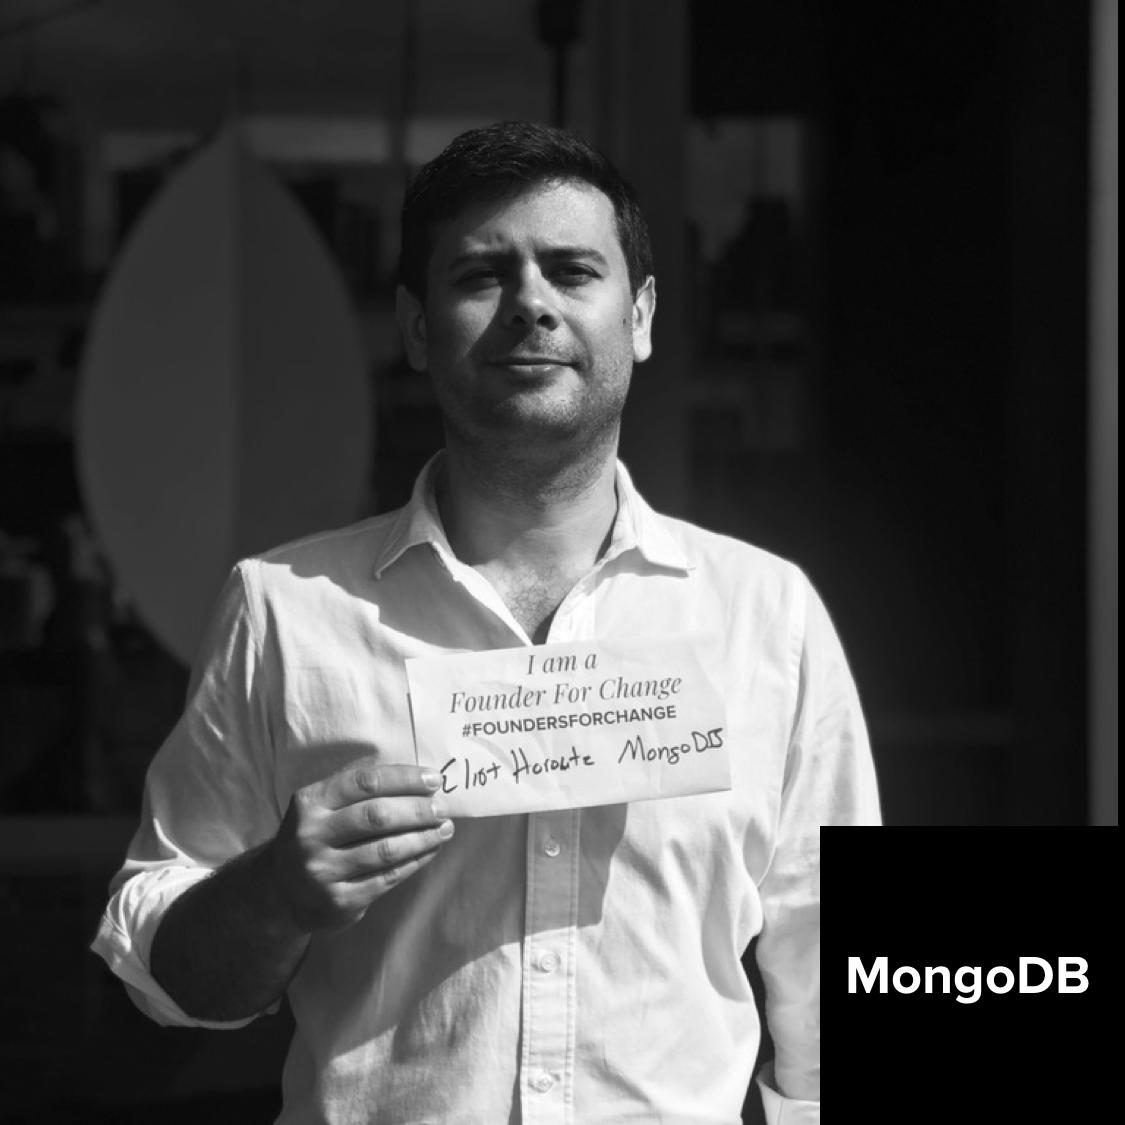 MongoDB_EliotHorowitz.png